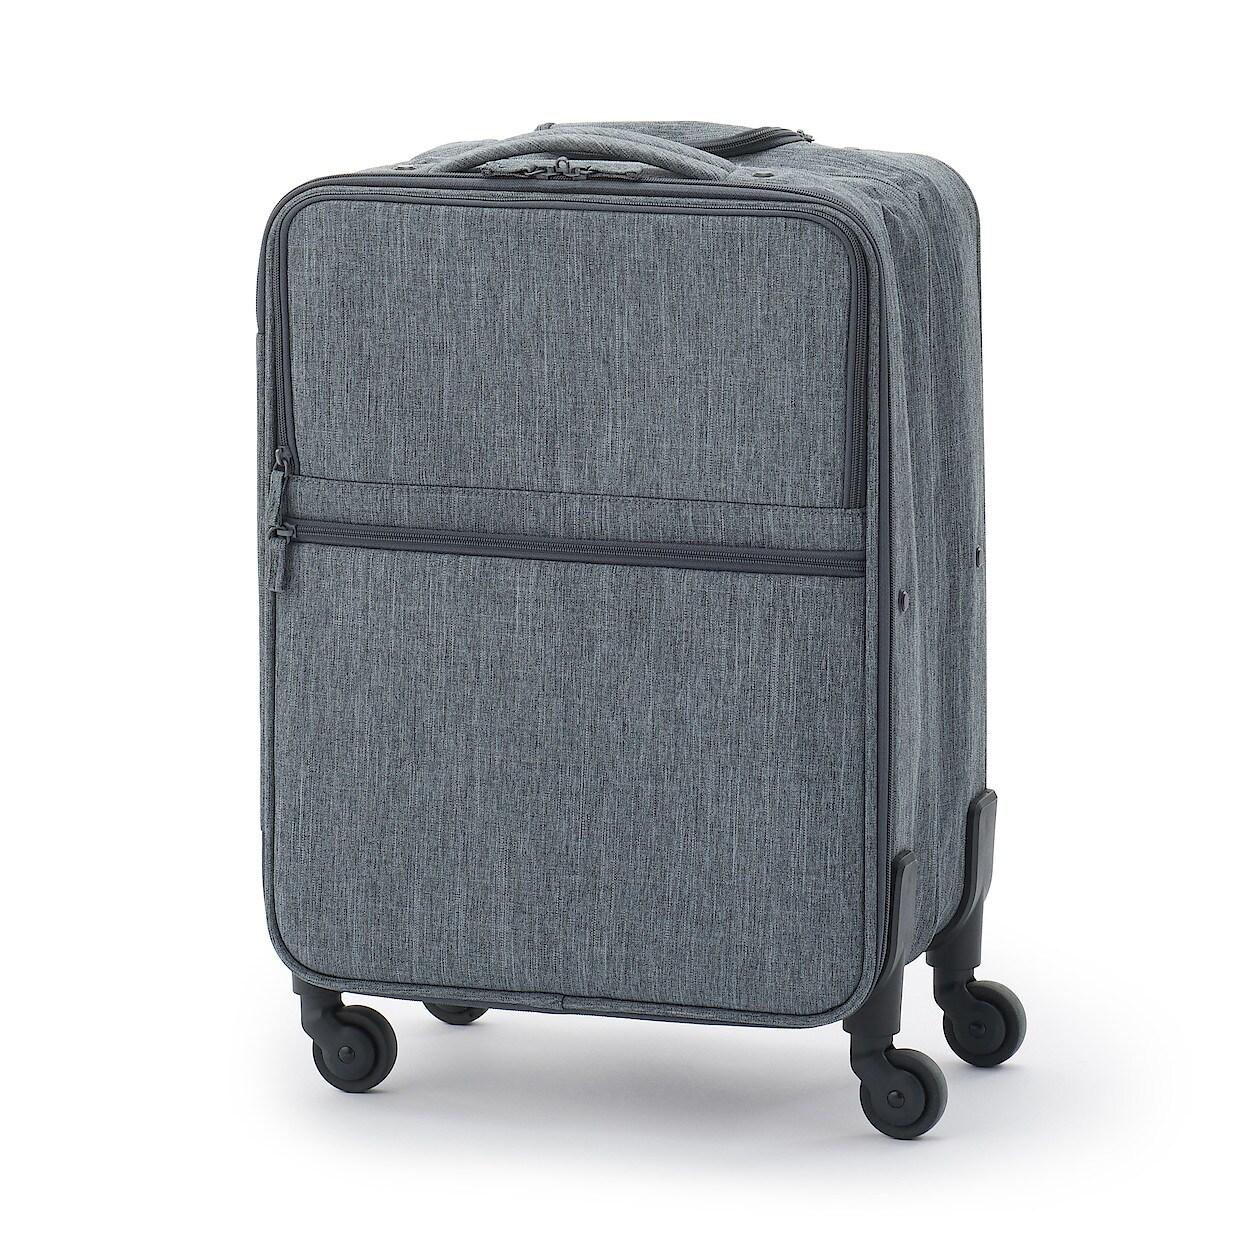 [무인양품] 반으로 수납 가능 소프트 여행용 캐리어(S) 그레이 MUJI 일본 공식스토어